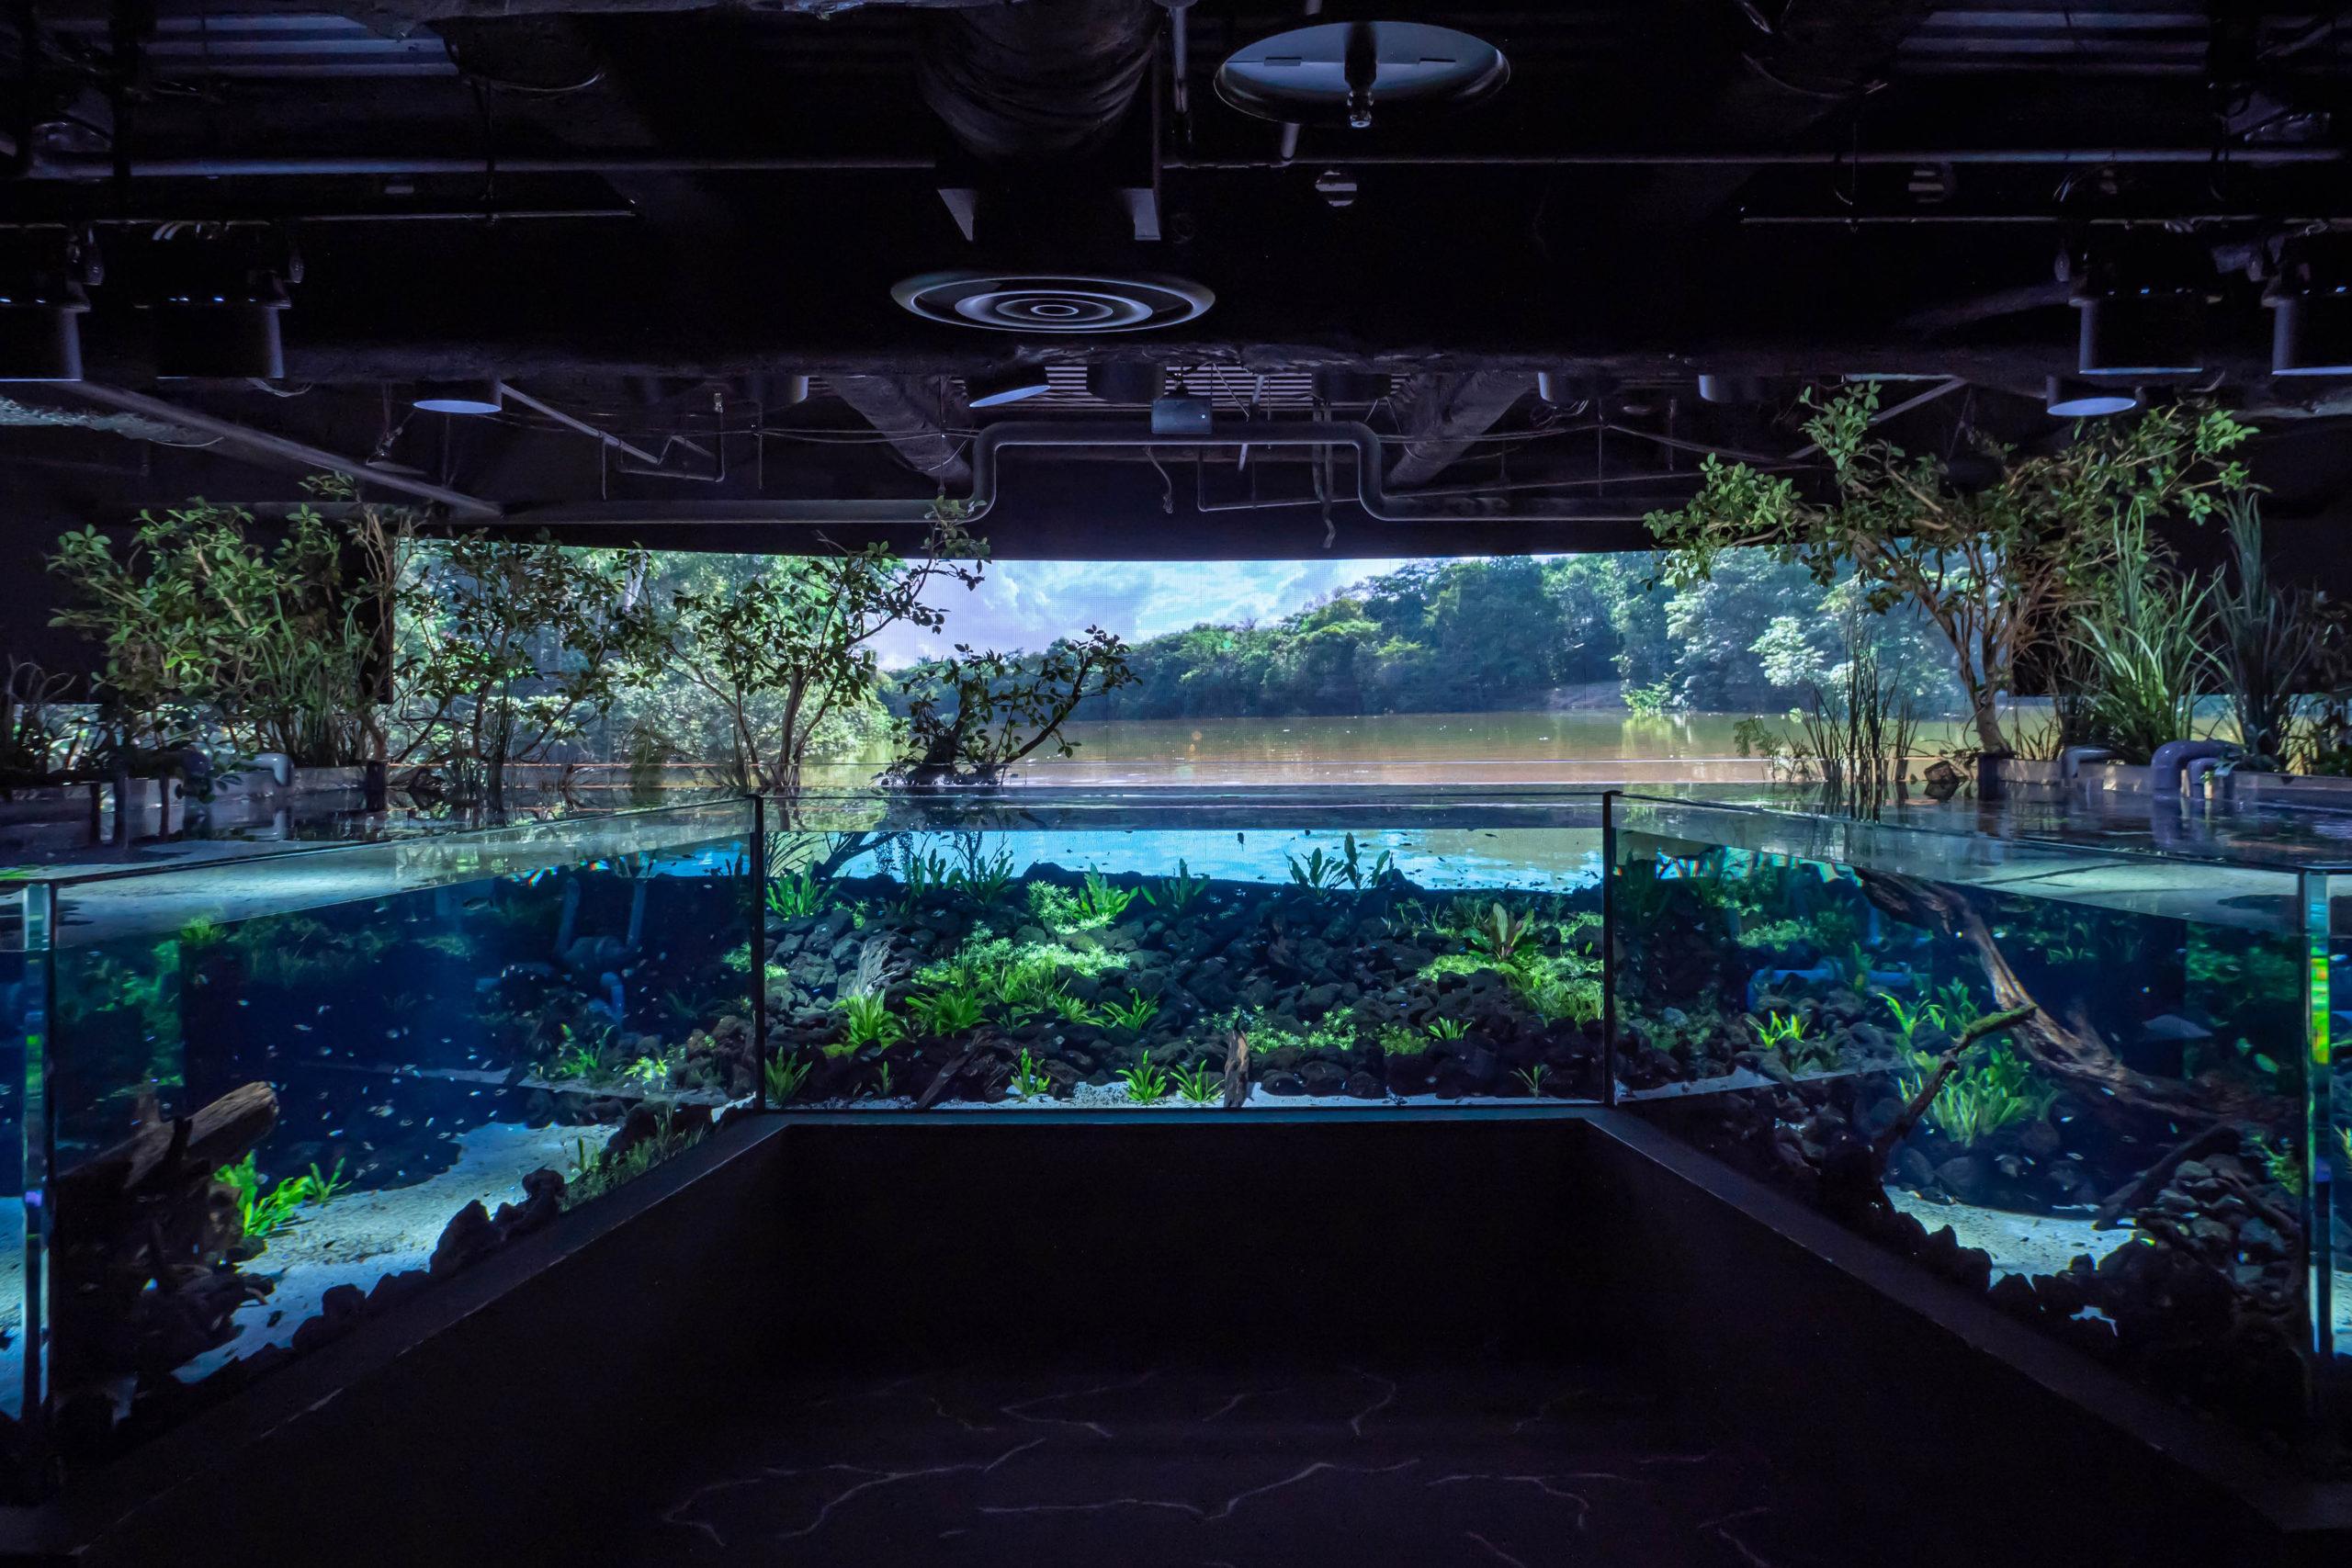 カワスイ,川崎水族館,パンタナルエリア